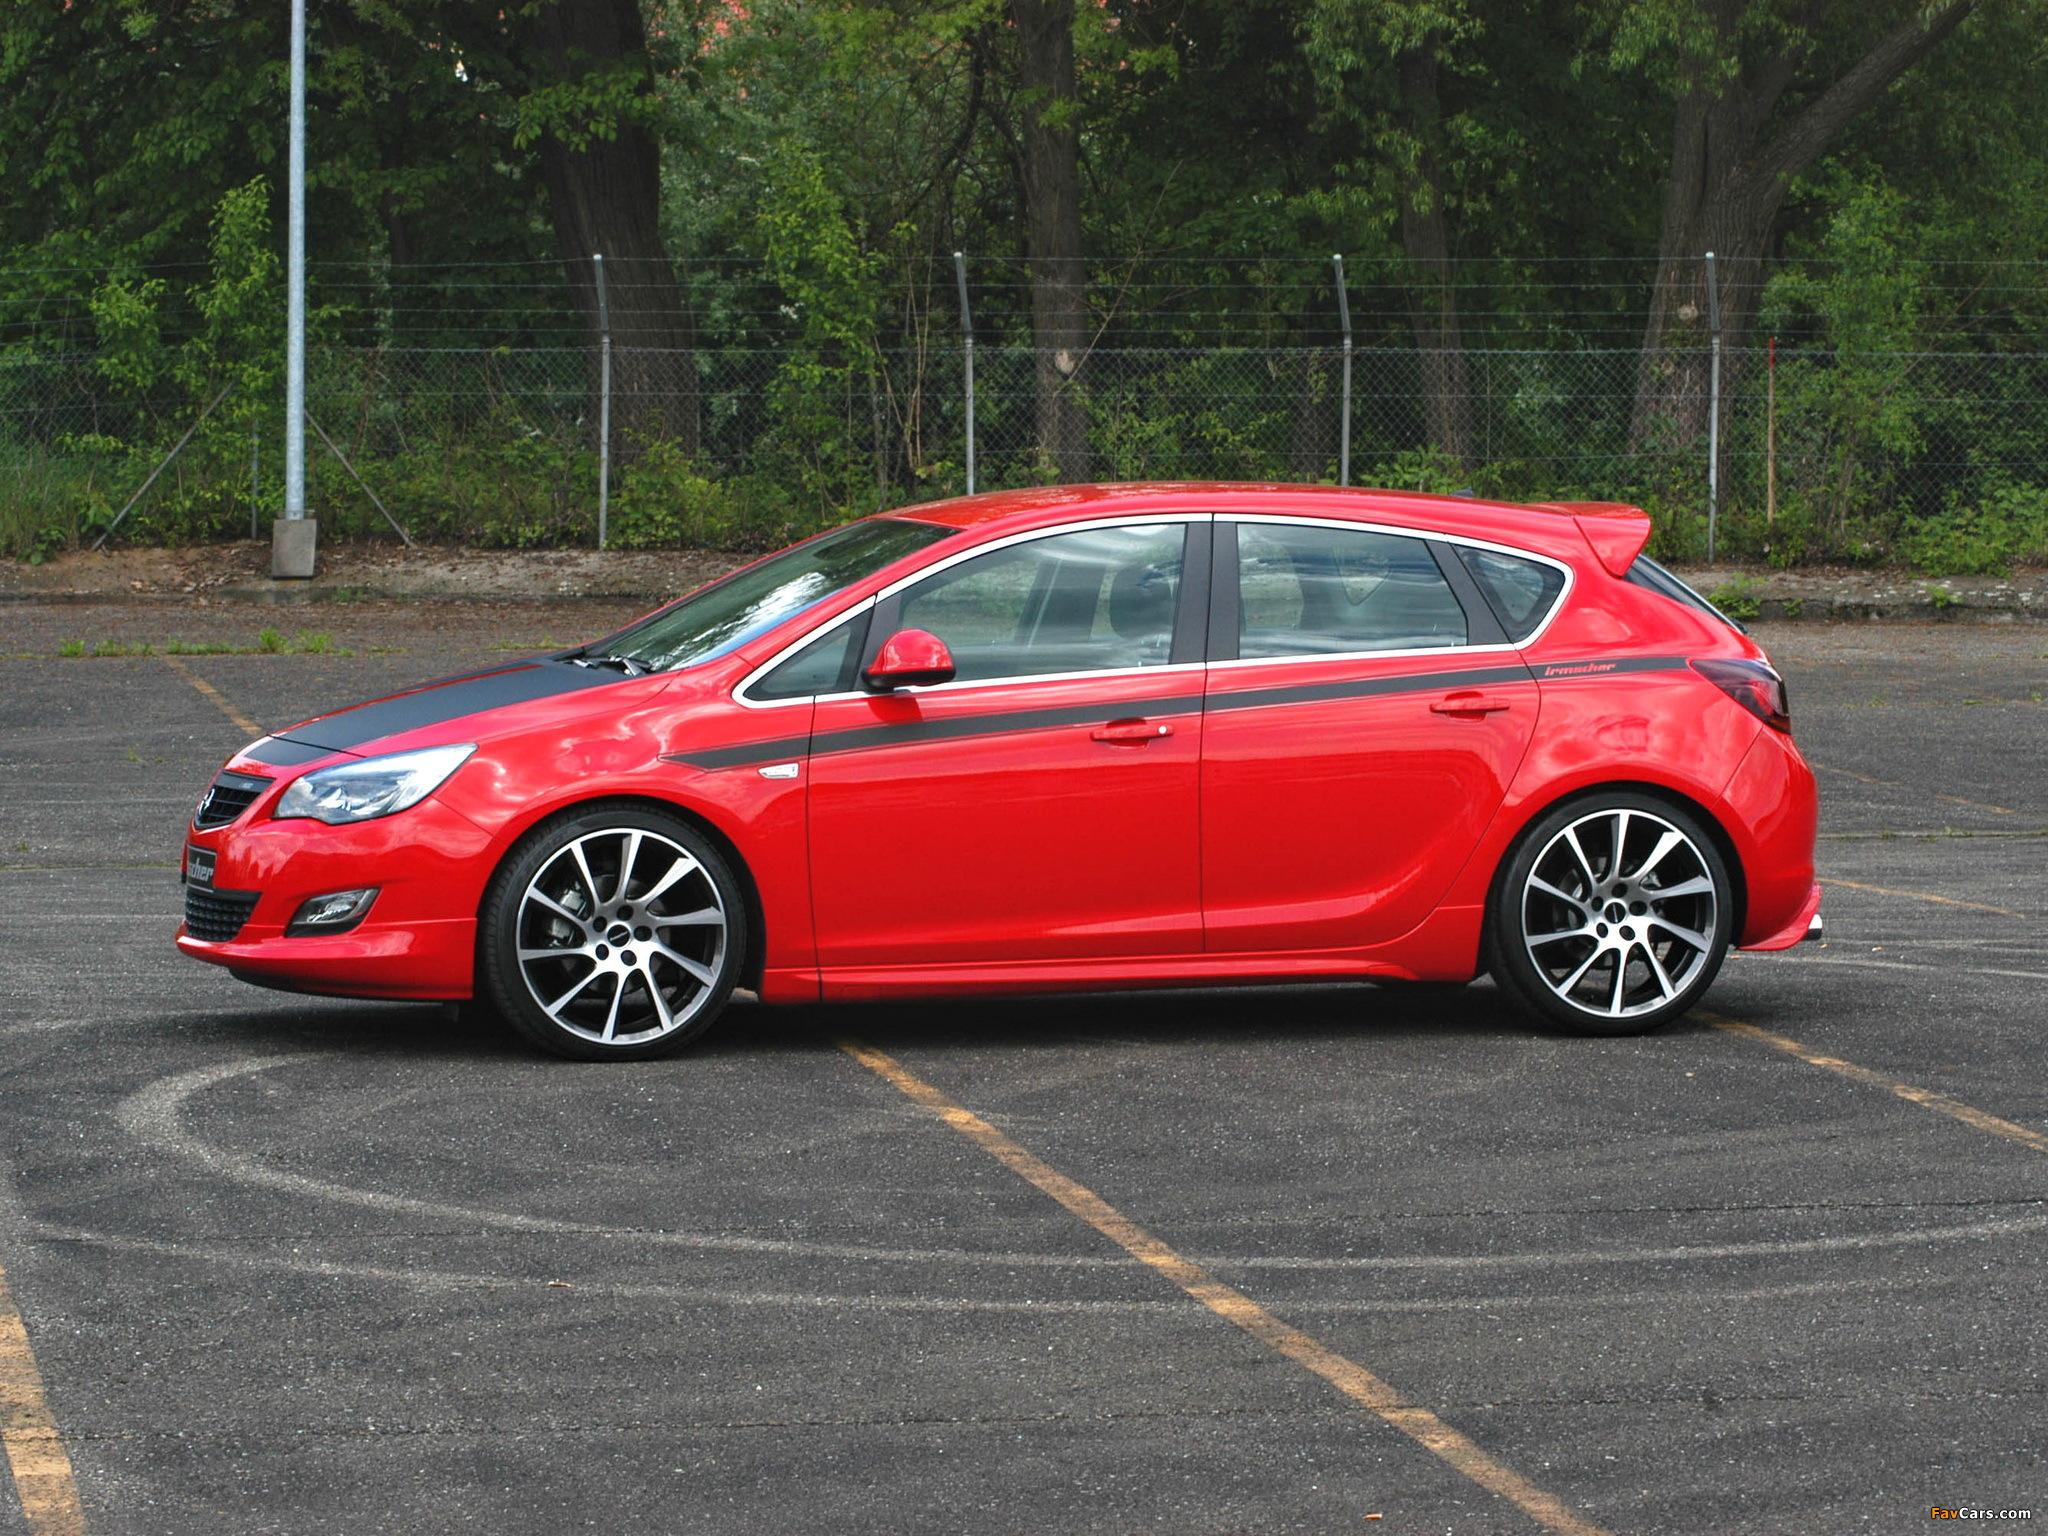 Irmscher Opel Astra i1600 5-door (J) 2010 photos (2048 x 1536)